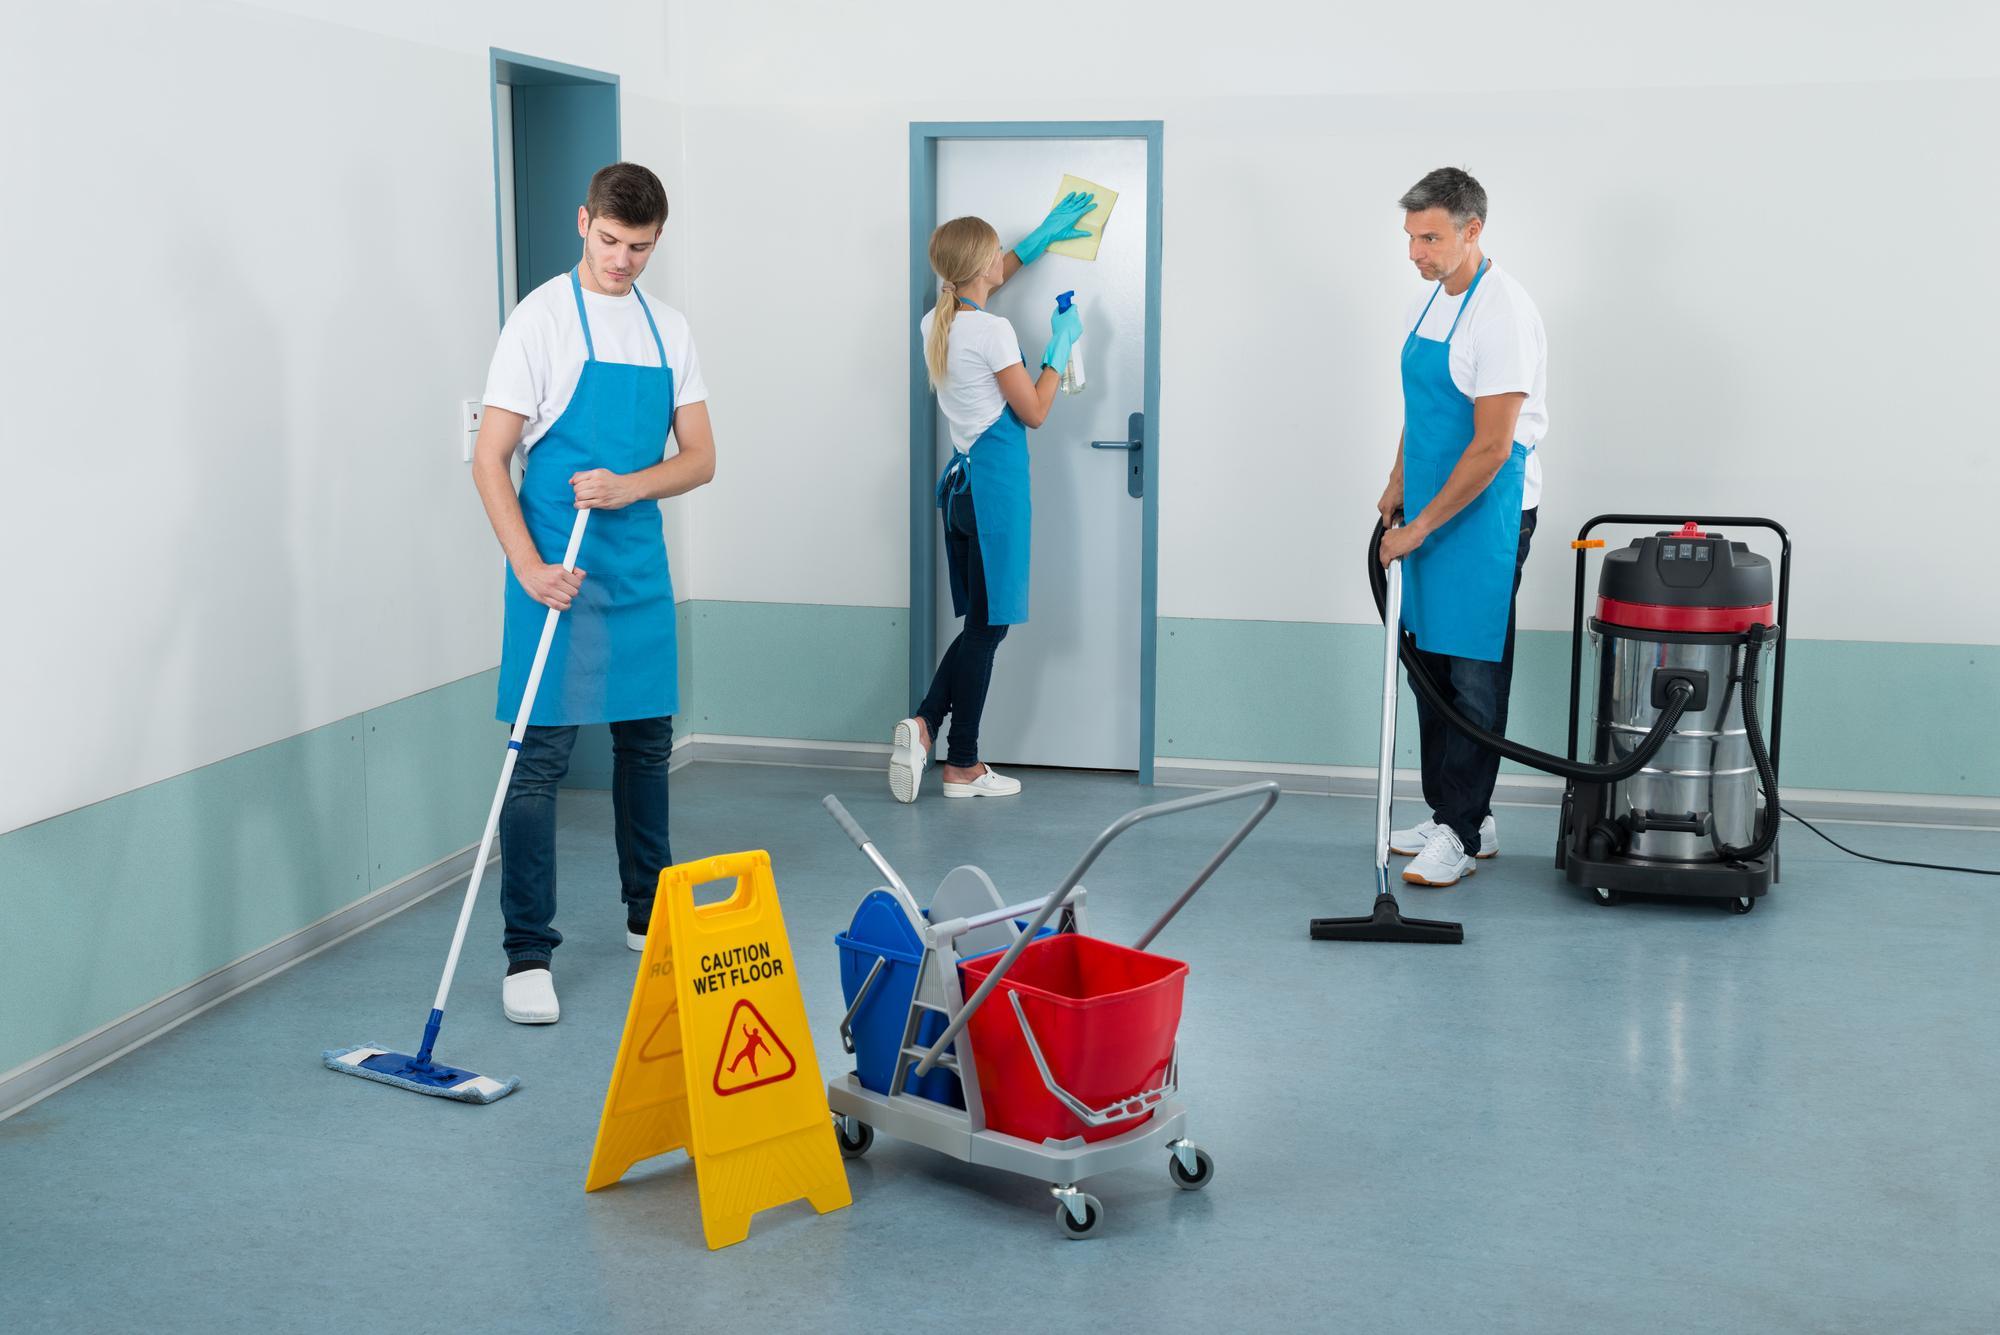 Договор на оказание услуг по уборке помещений